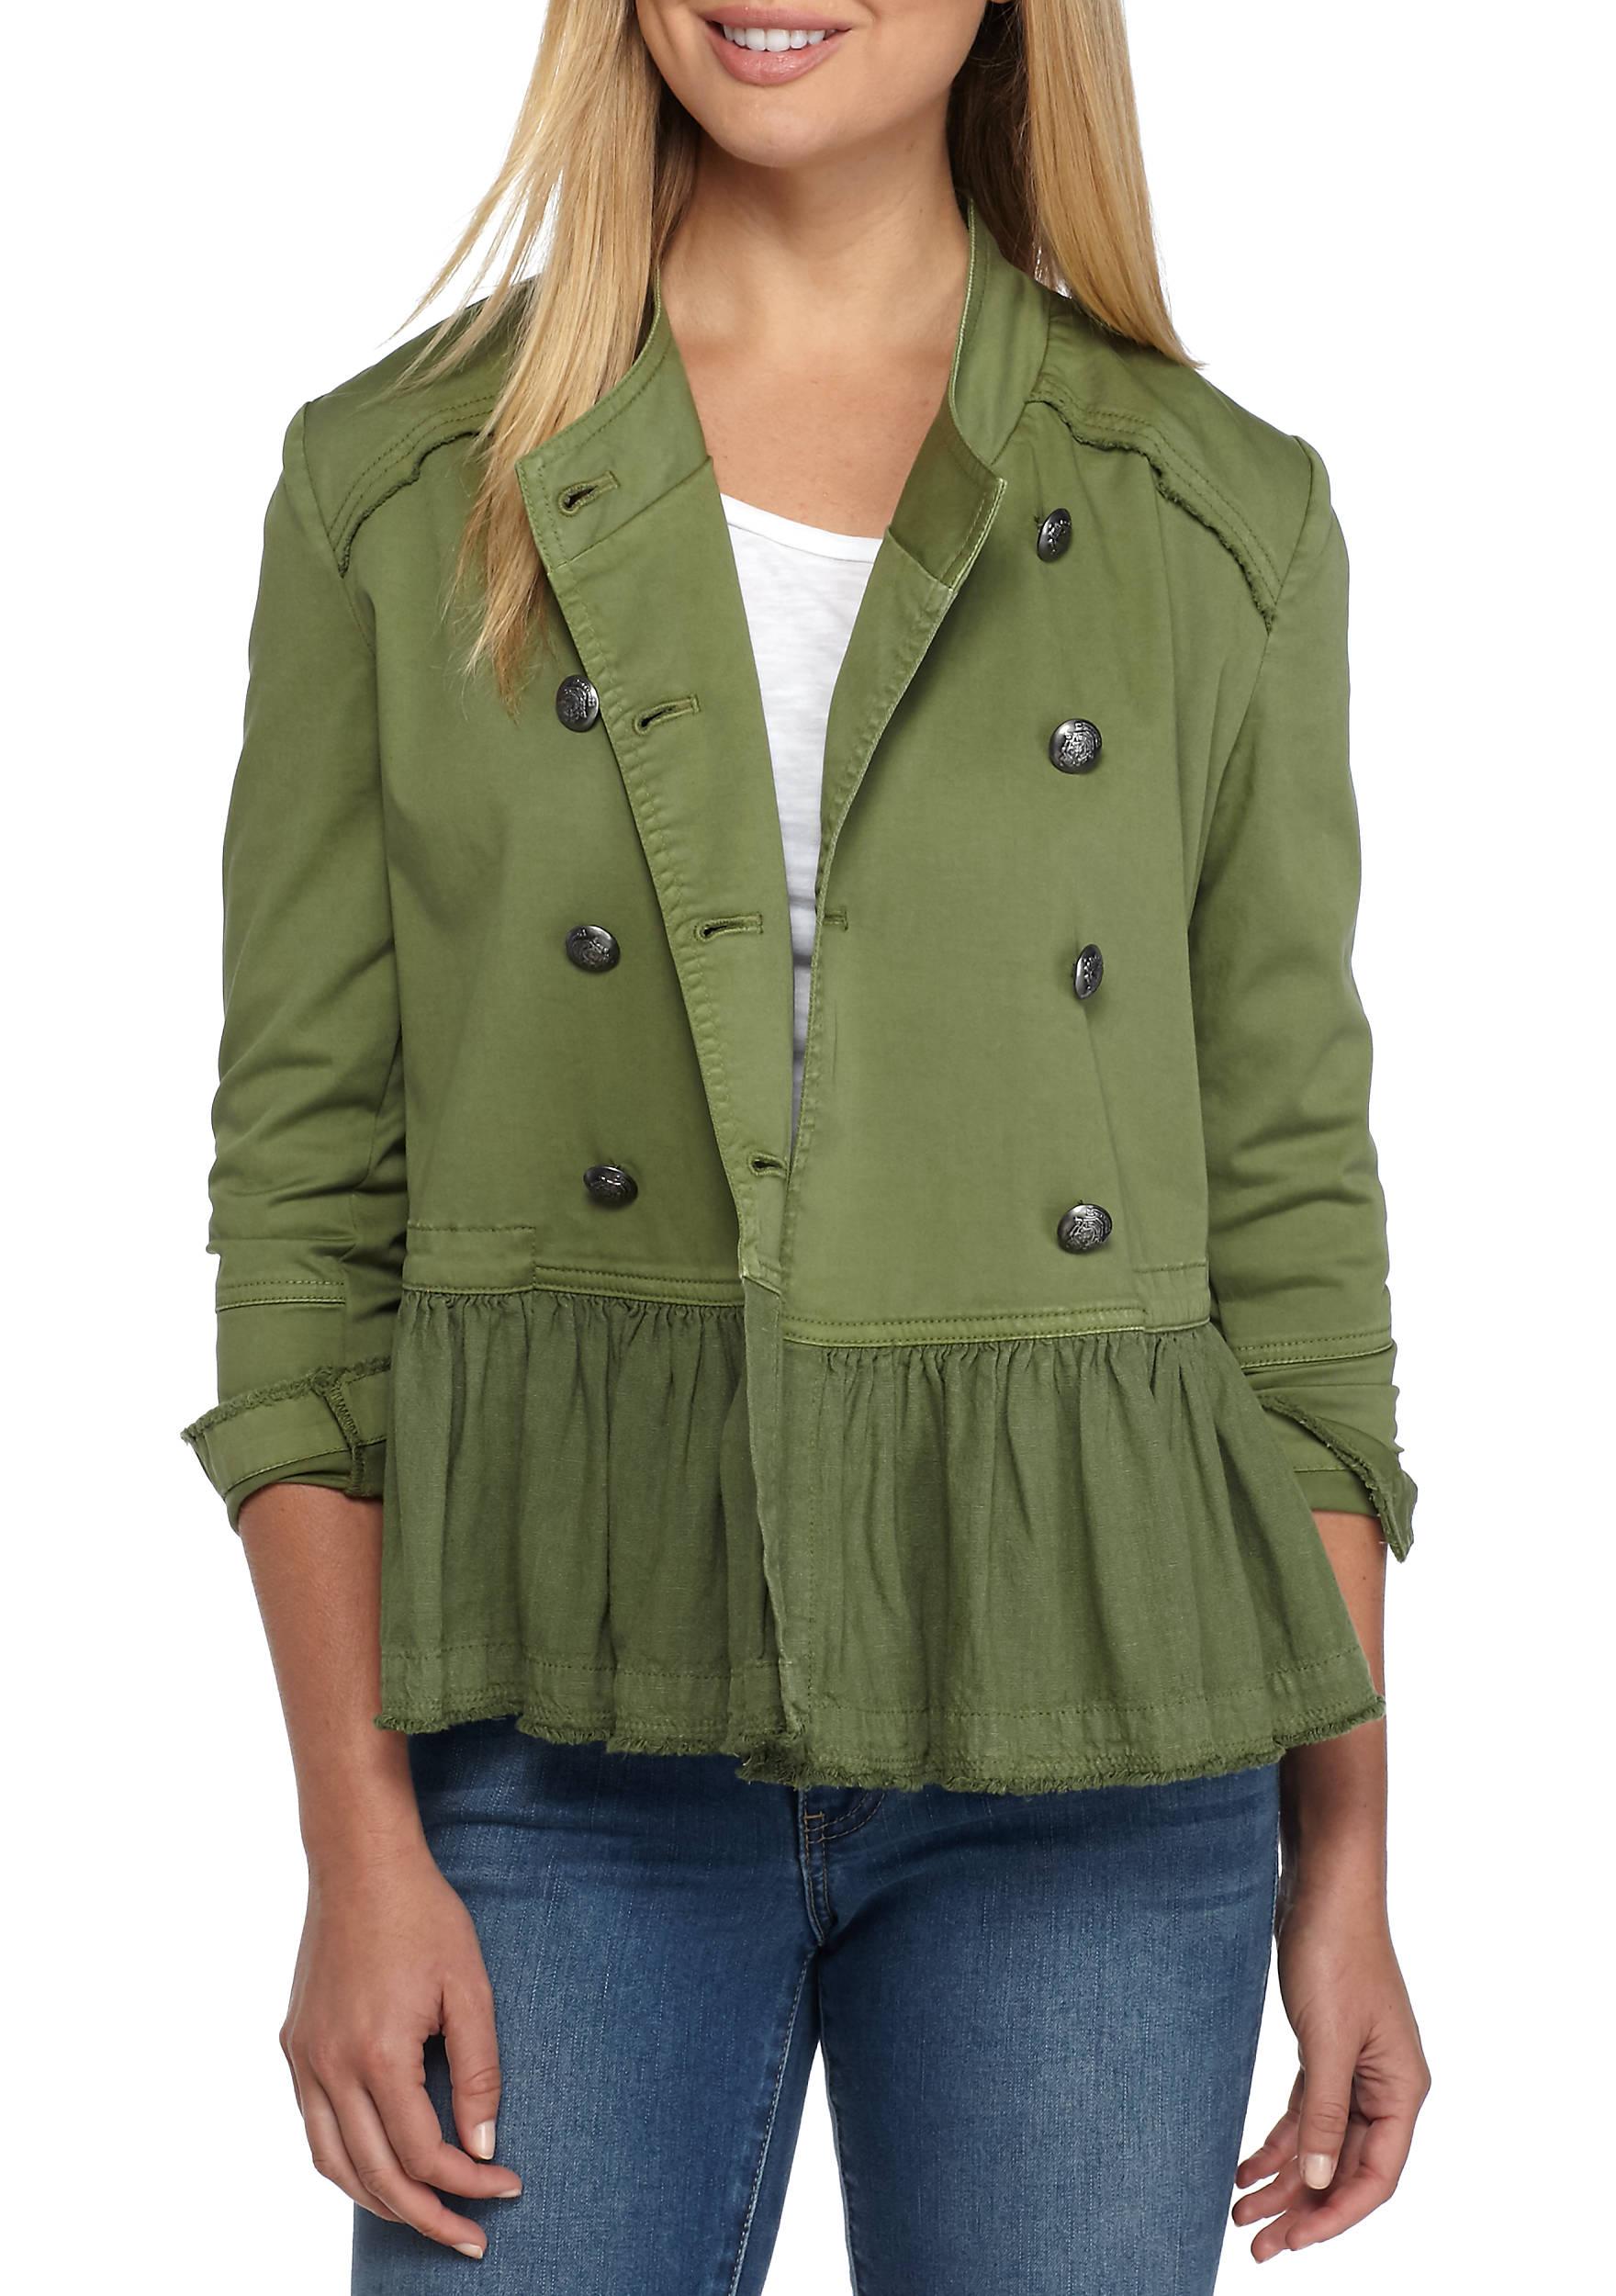 Military Jacke Damen Olivgrün schickes Designs